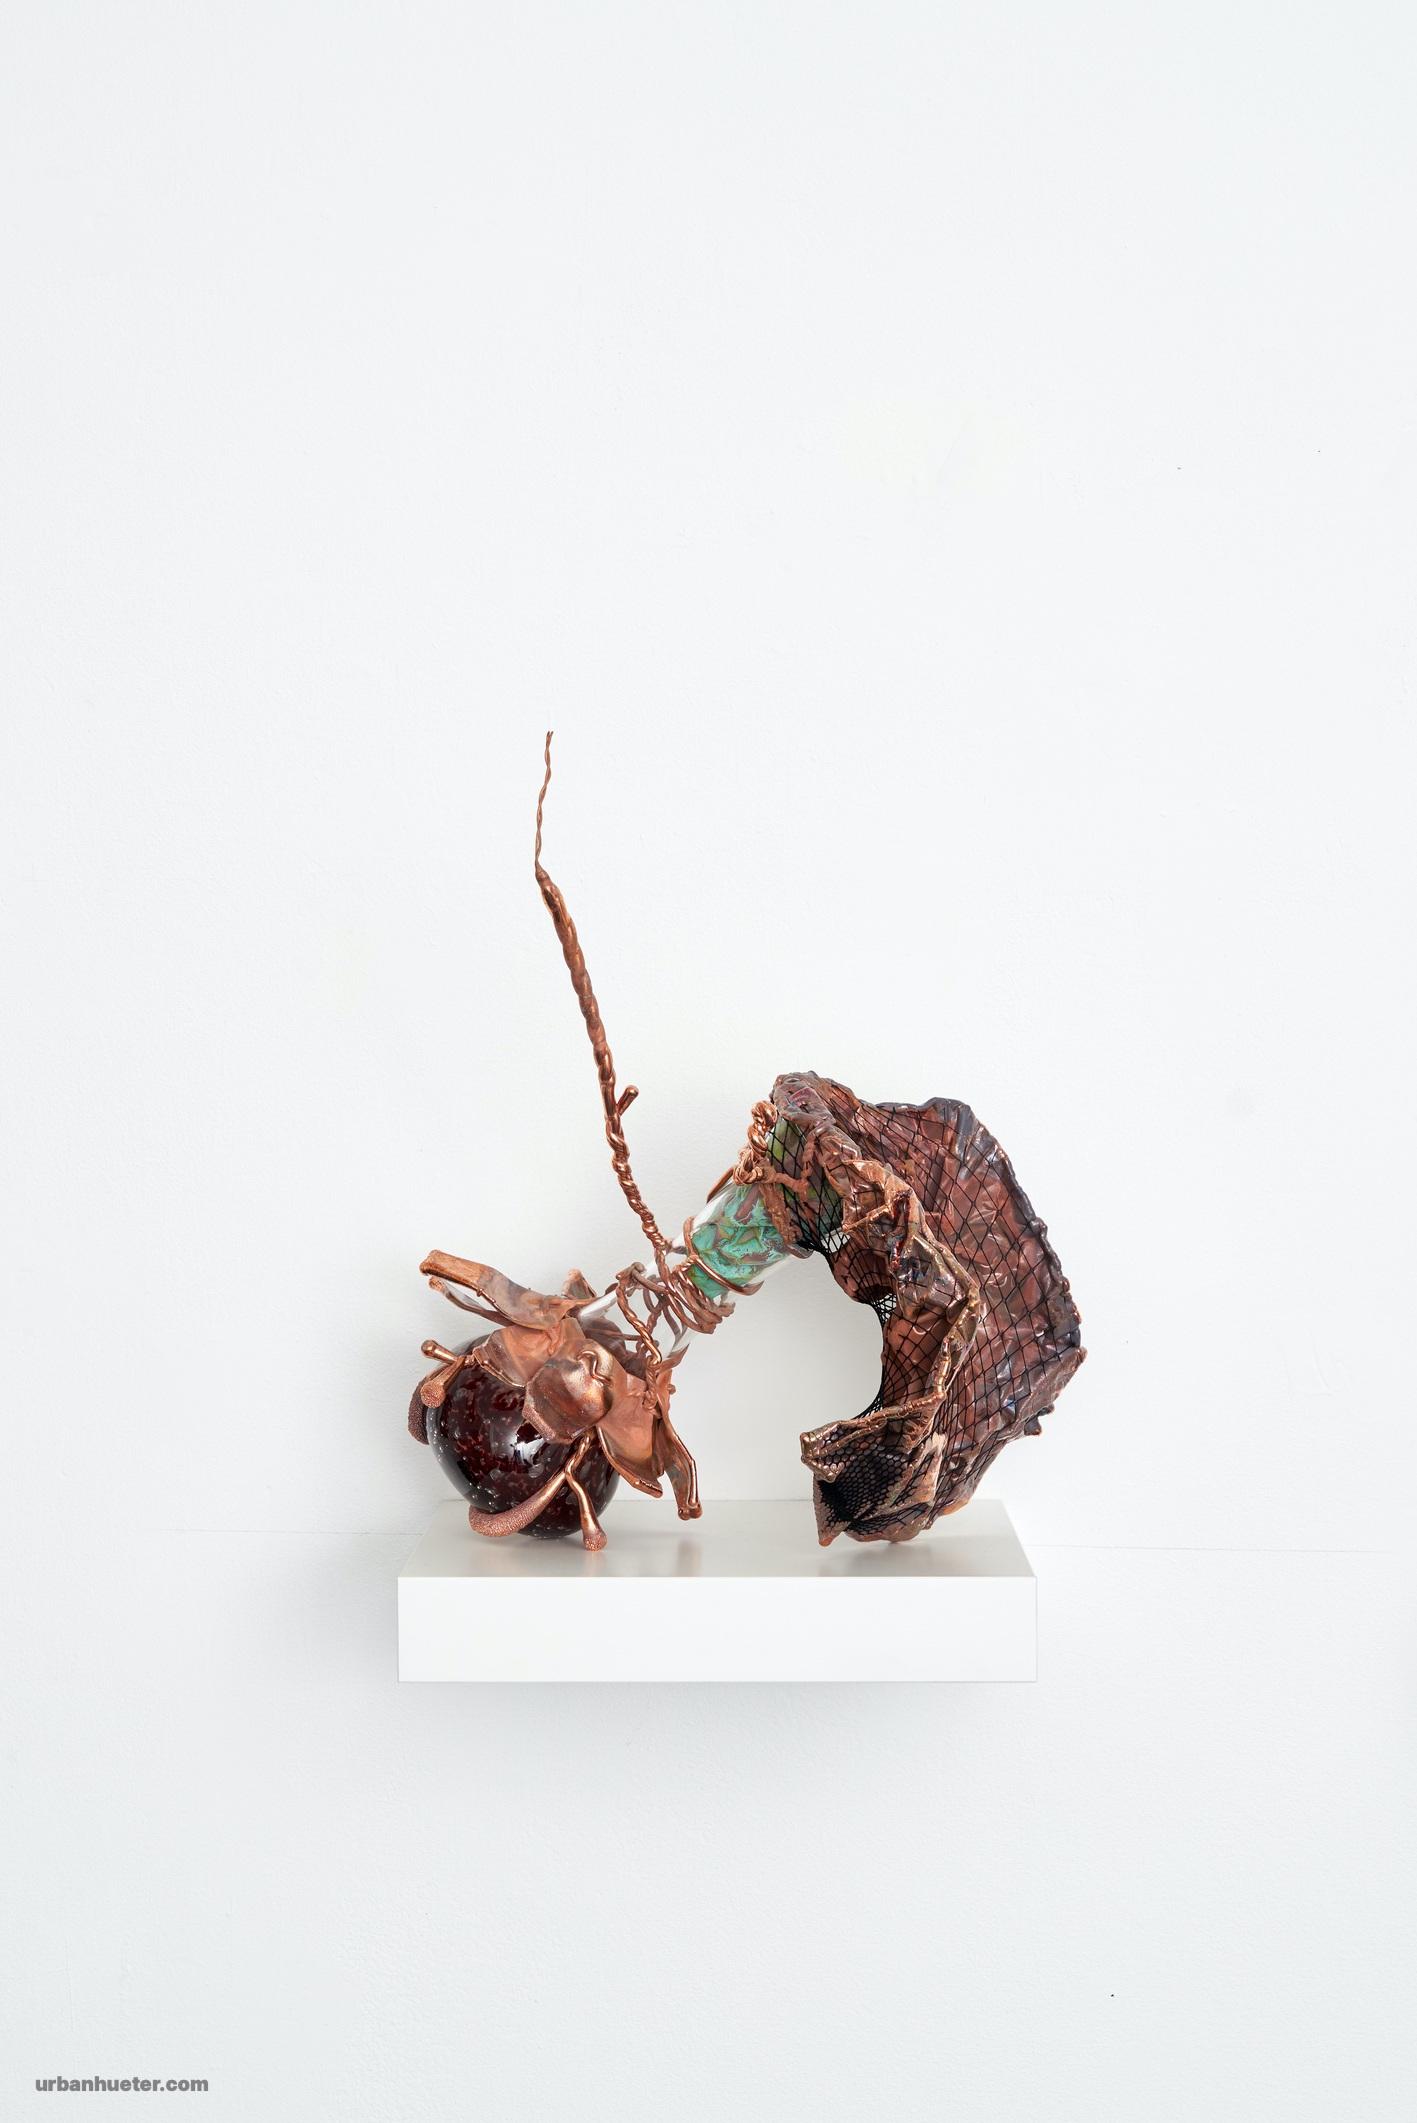 Foto-14-Vase-4-2021-Glas-Nylon-Kupfer-41-x-34-x-23-cm